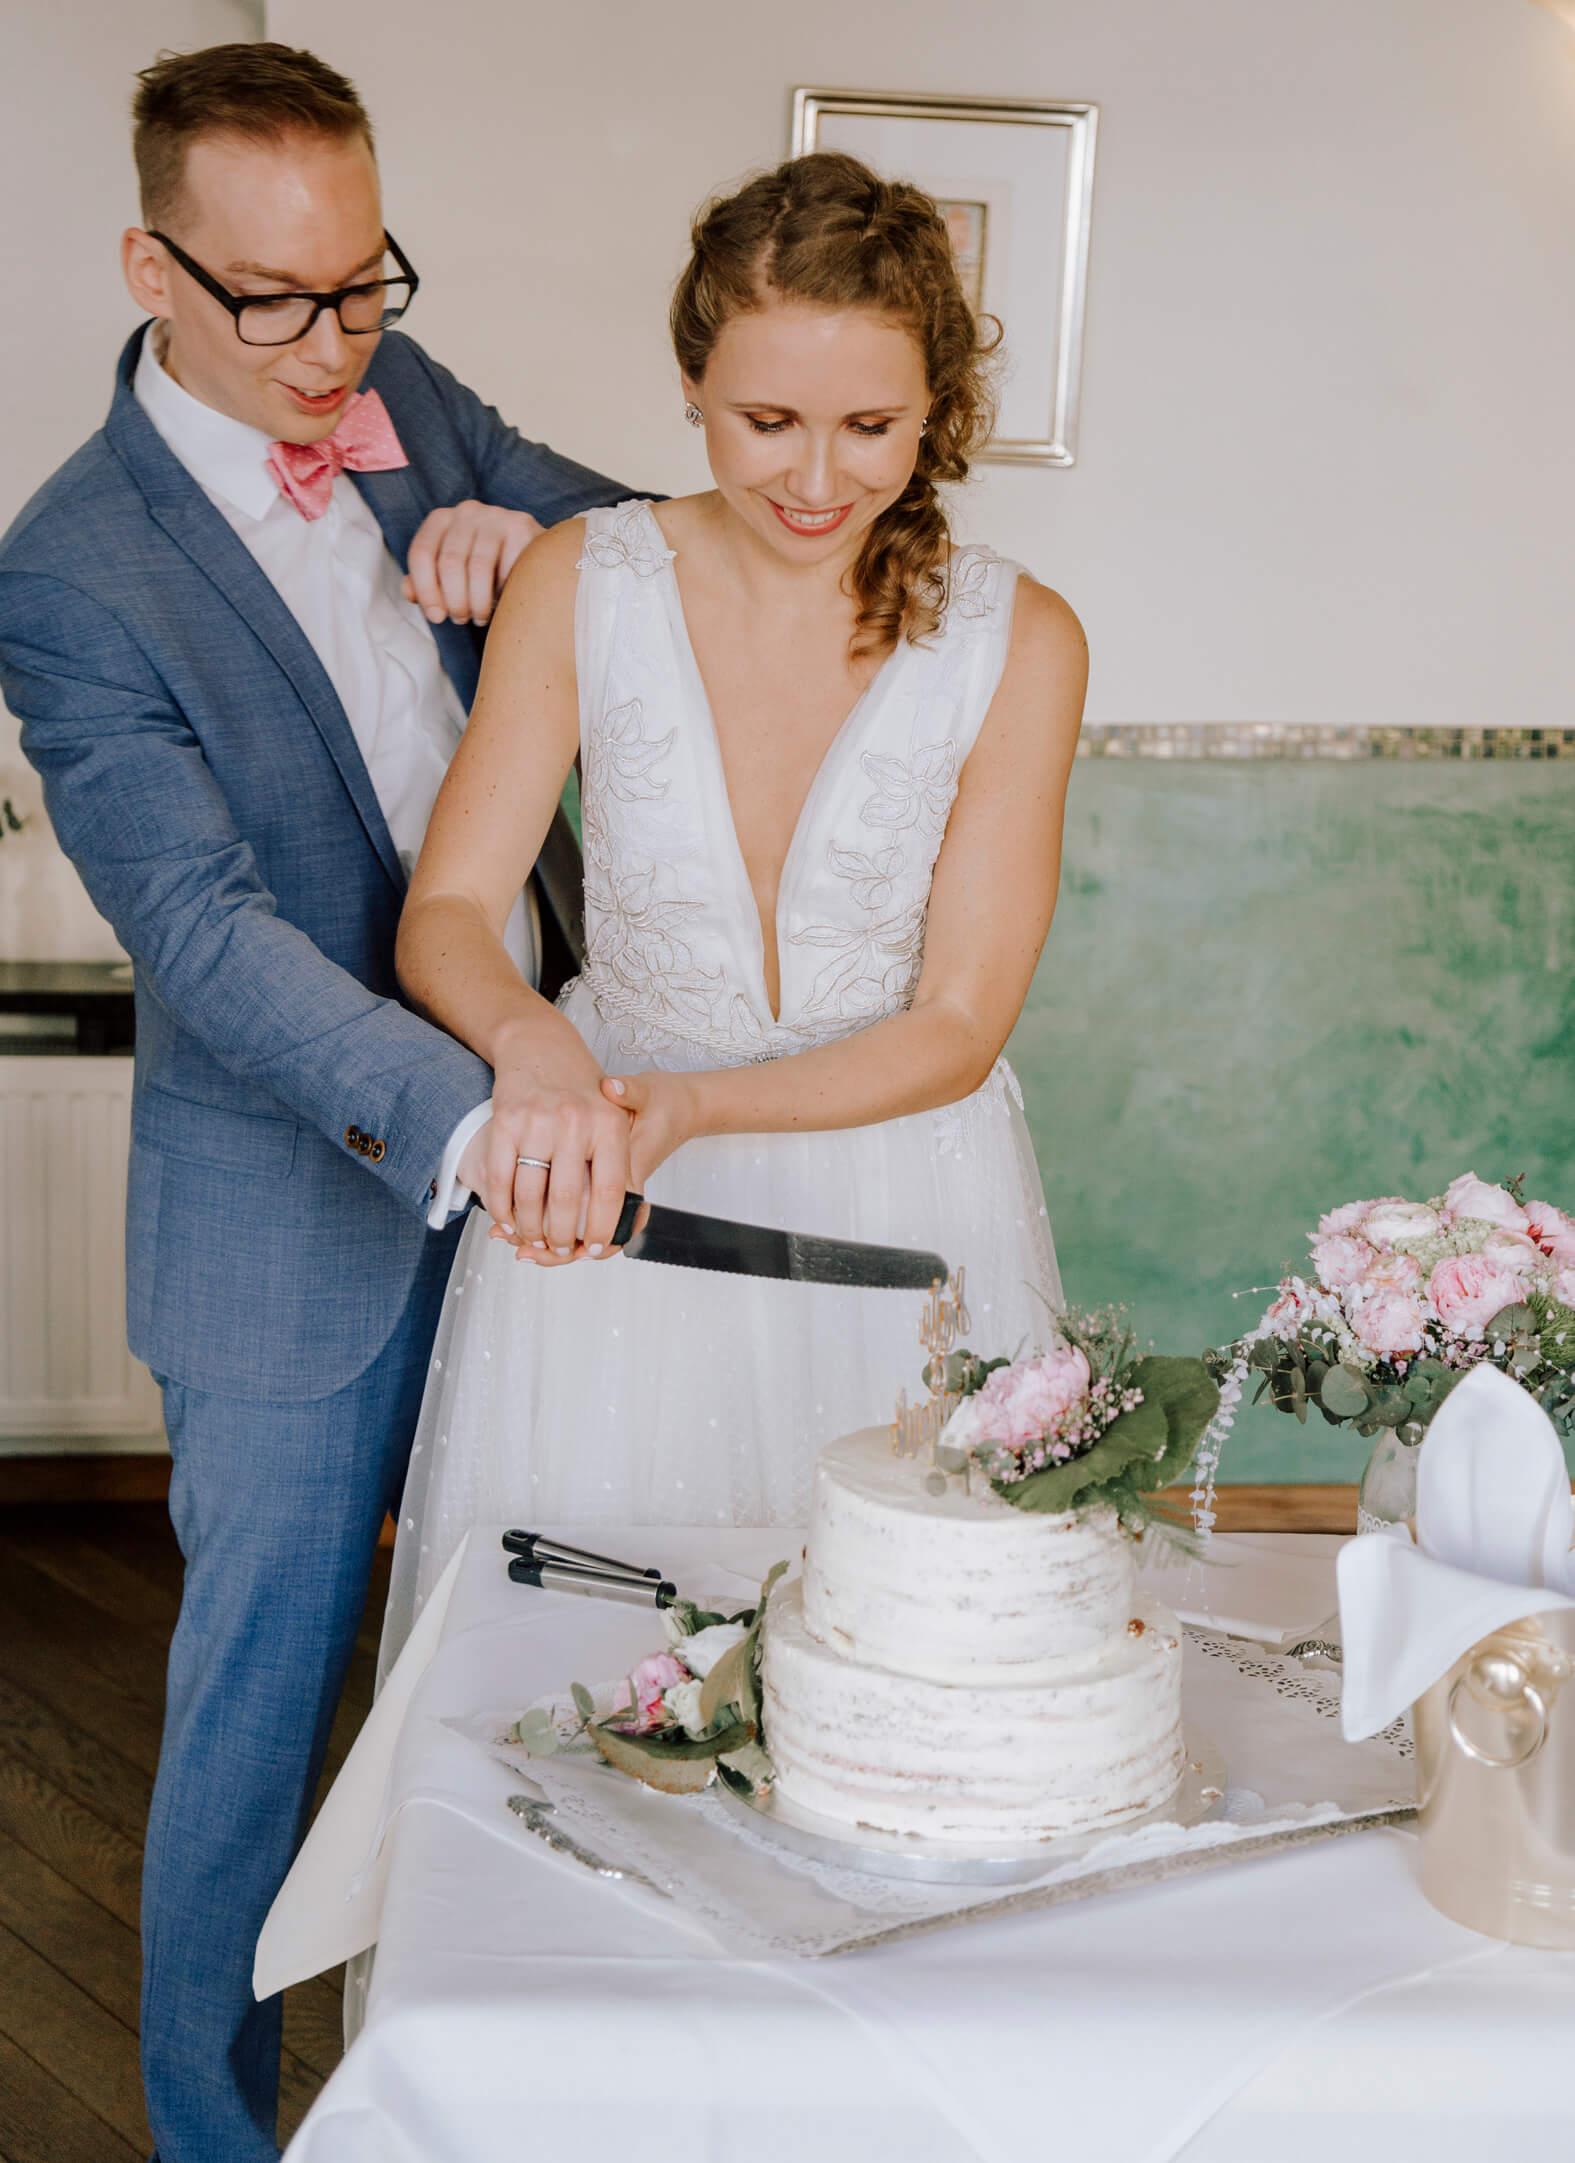 Wedding-Update-Dinner-Location-Wedding-Cake-Sugarbird-Cupcakes-Kationette-Lifestyleblogger-NRW